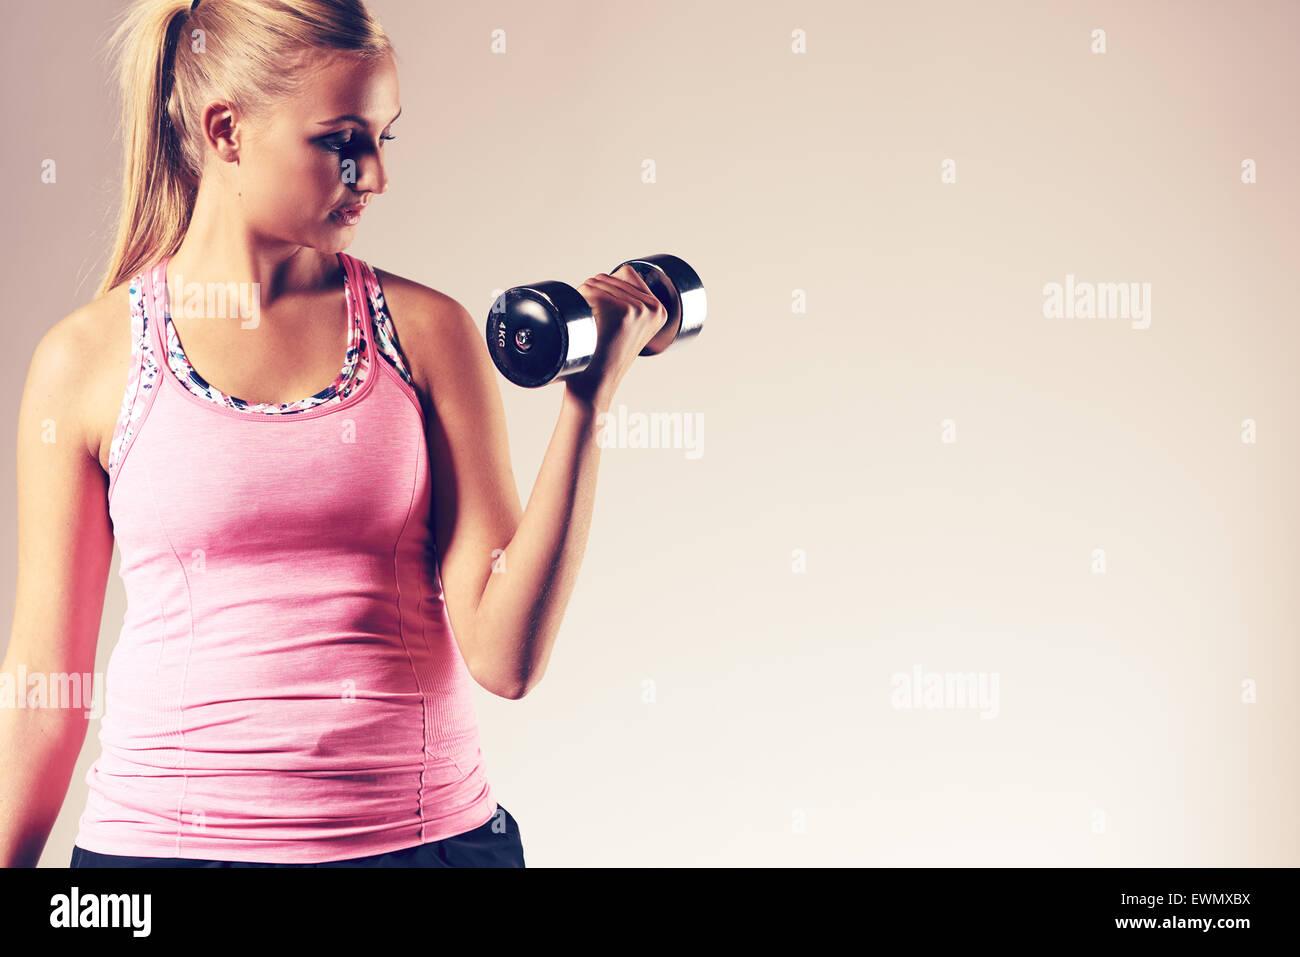 Young woman exercising haut du corps faisant un biceps curl avec un poids libre. Photo Stock